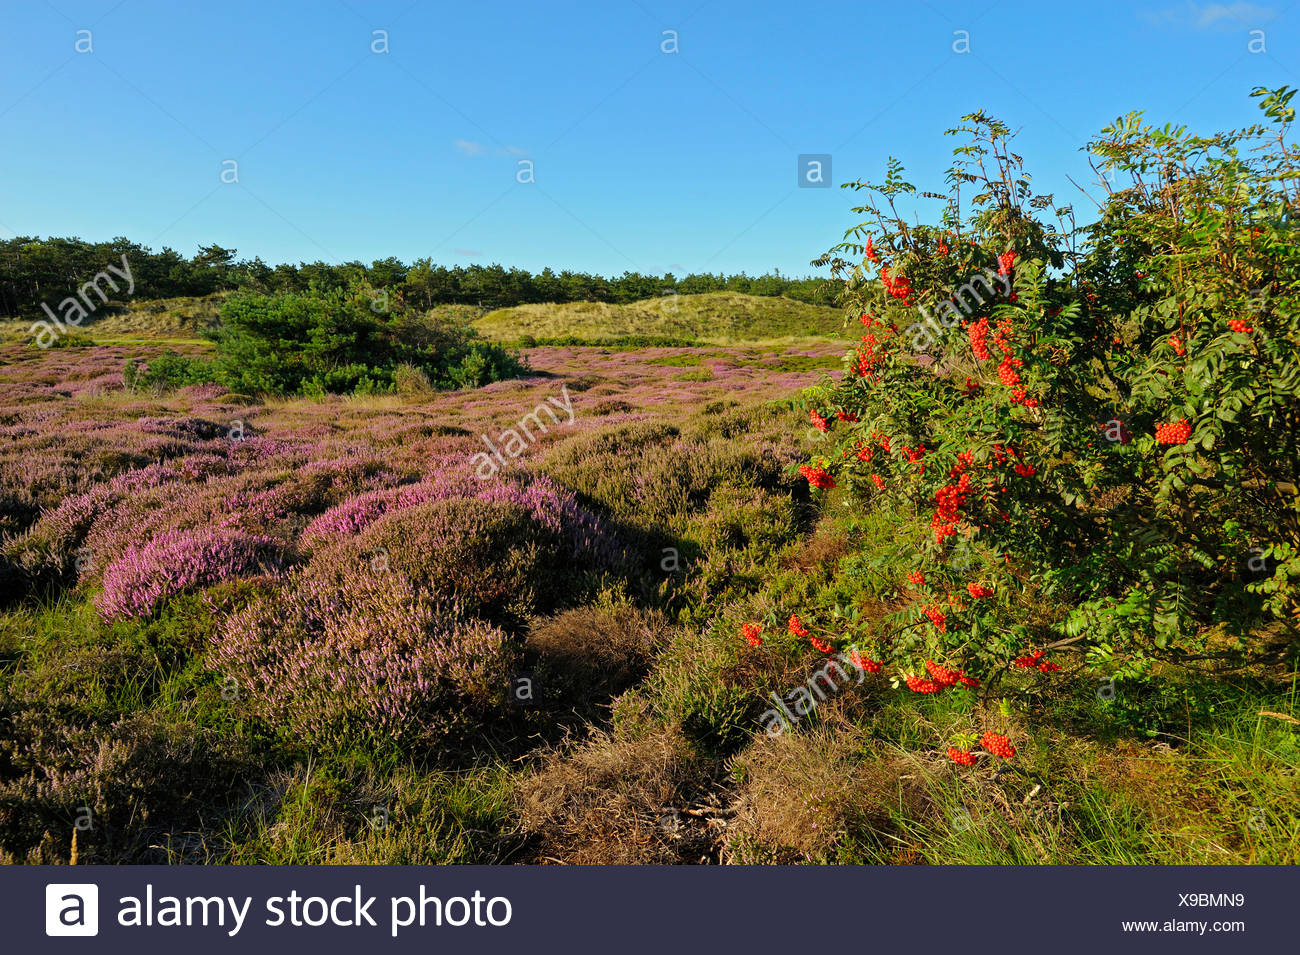 Common Heather, Ling, Heather (Calluna vulgaris), dunes with blooming heath in morning lightrowan tree, Netherlands, Texel, Duenen von Texel Nationalpark, De Bollekamer - Stock Image